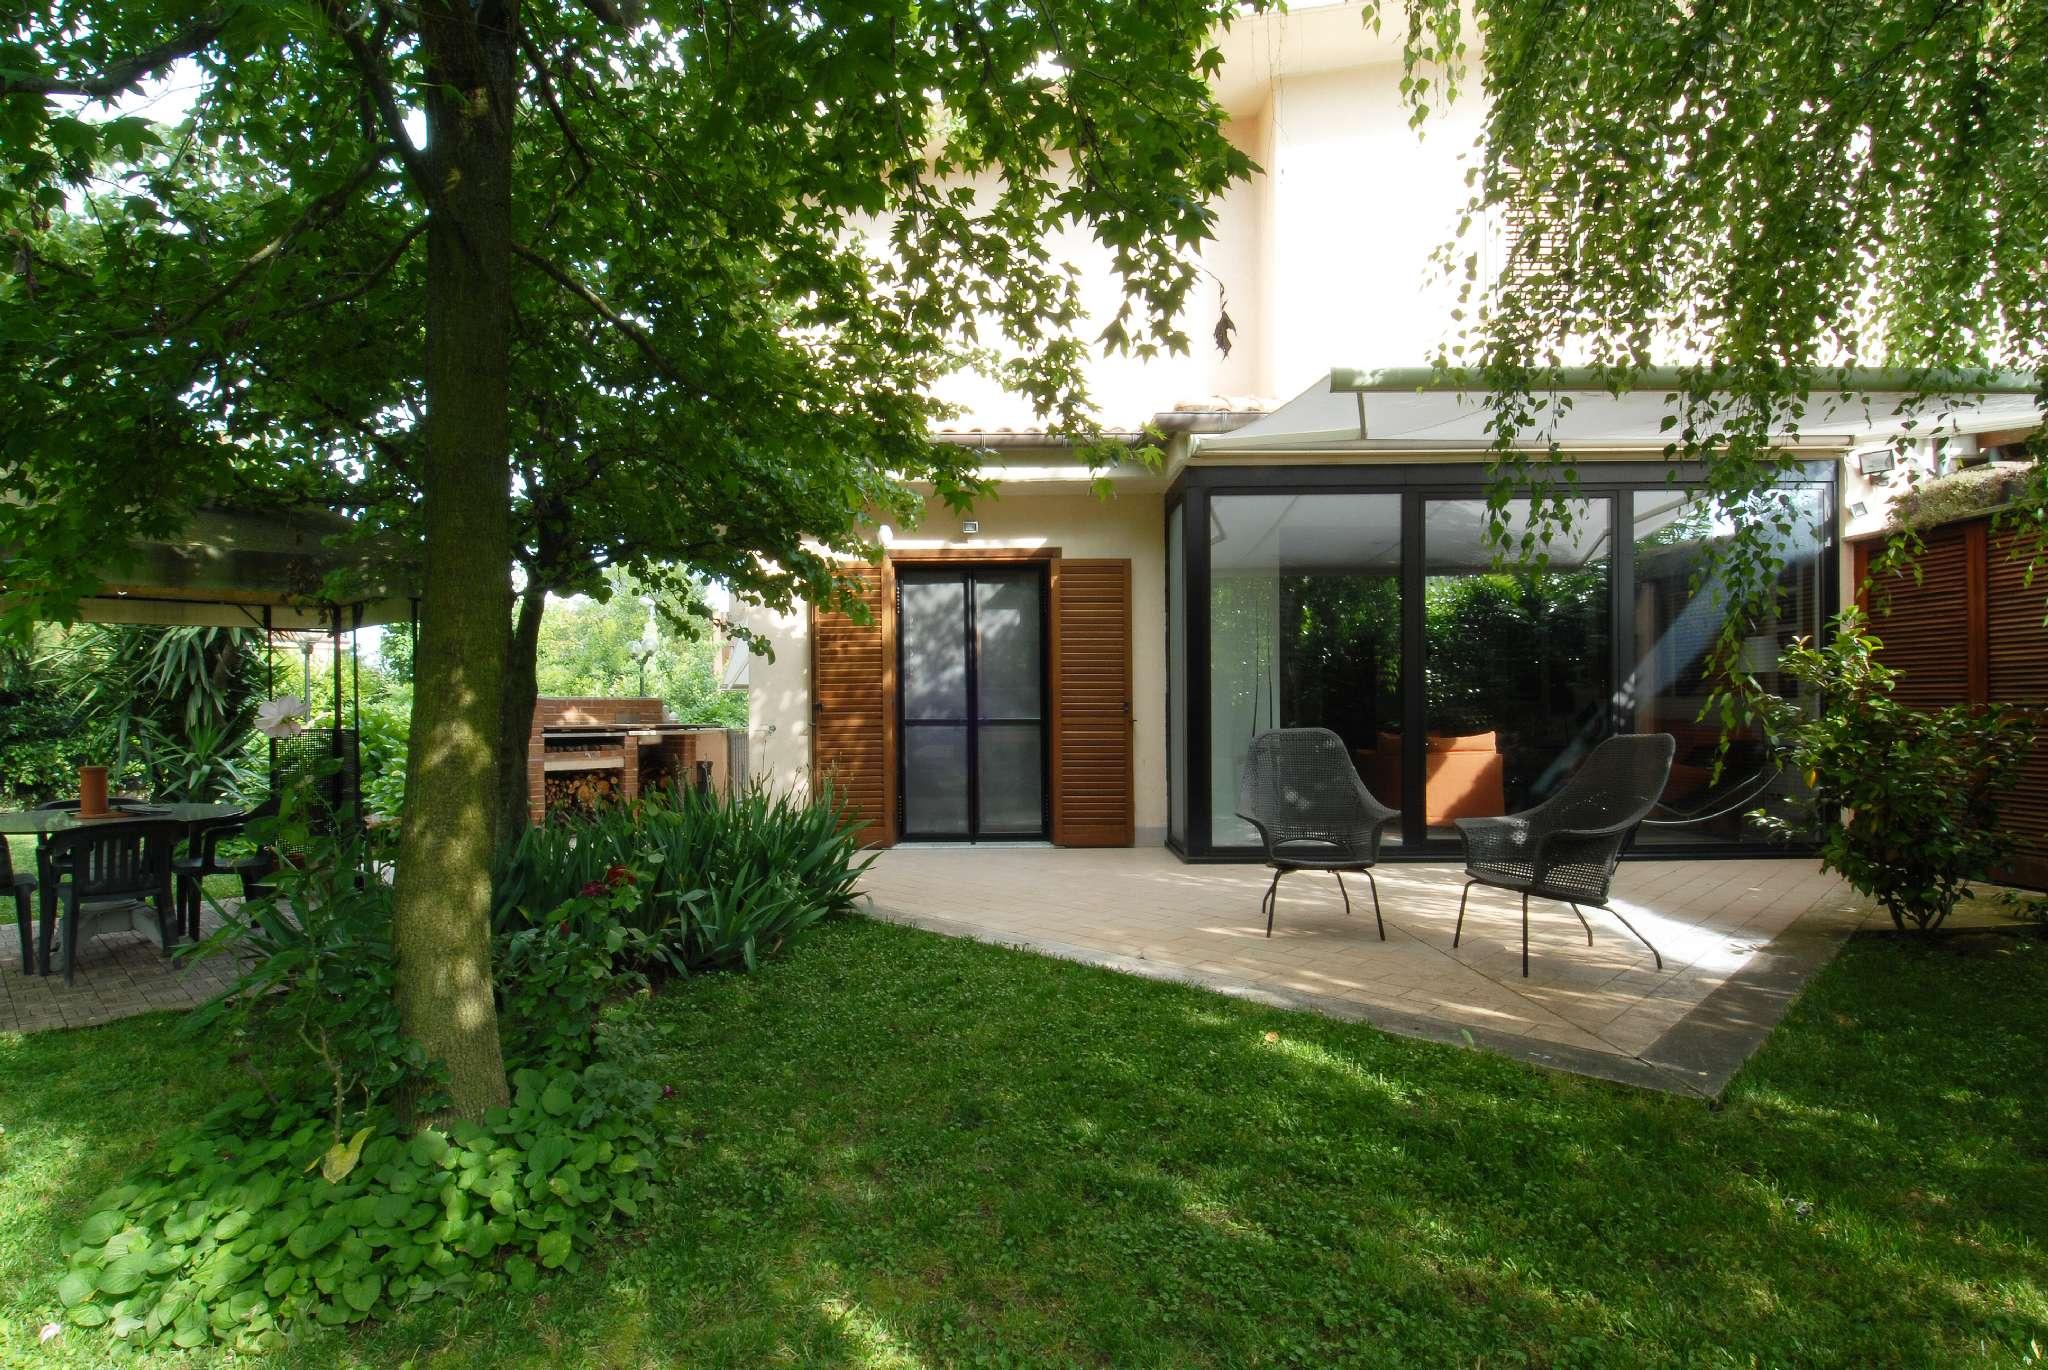 Villa Bifamiliare in vendita a Lariano, 8 locali, prezzo € 345.000 | CambioCasa.it